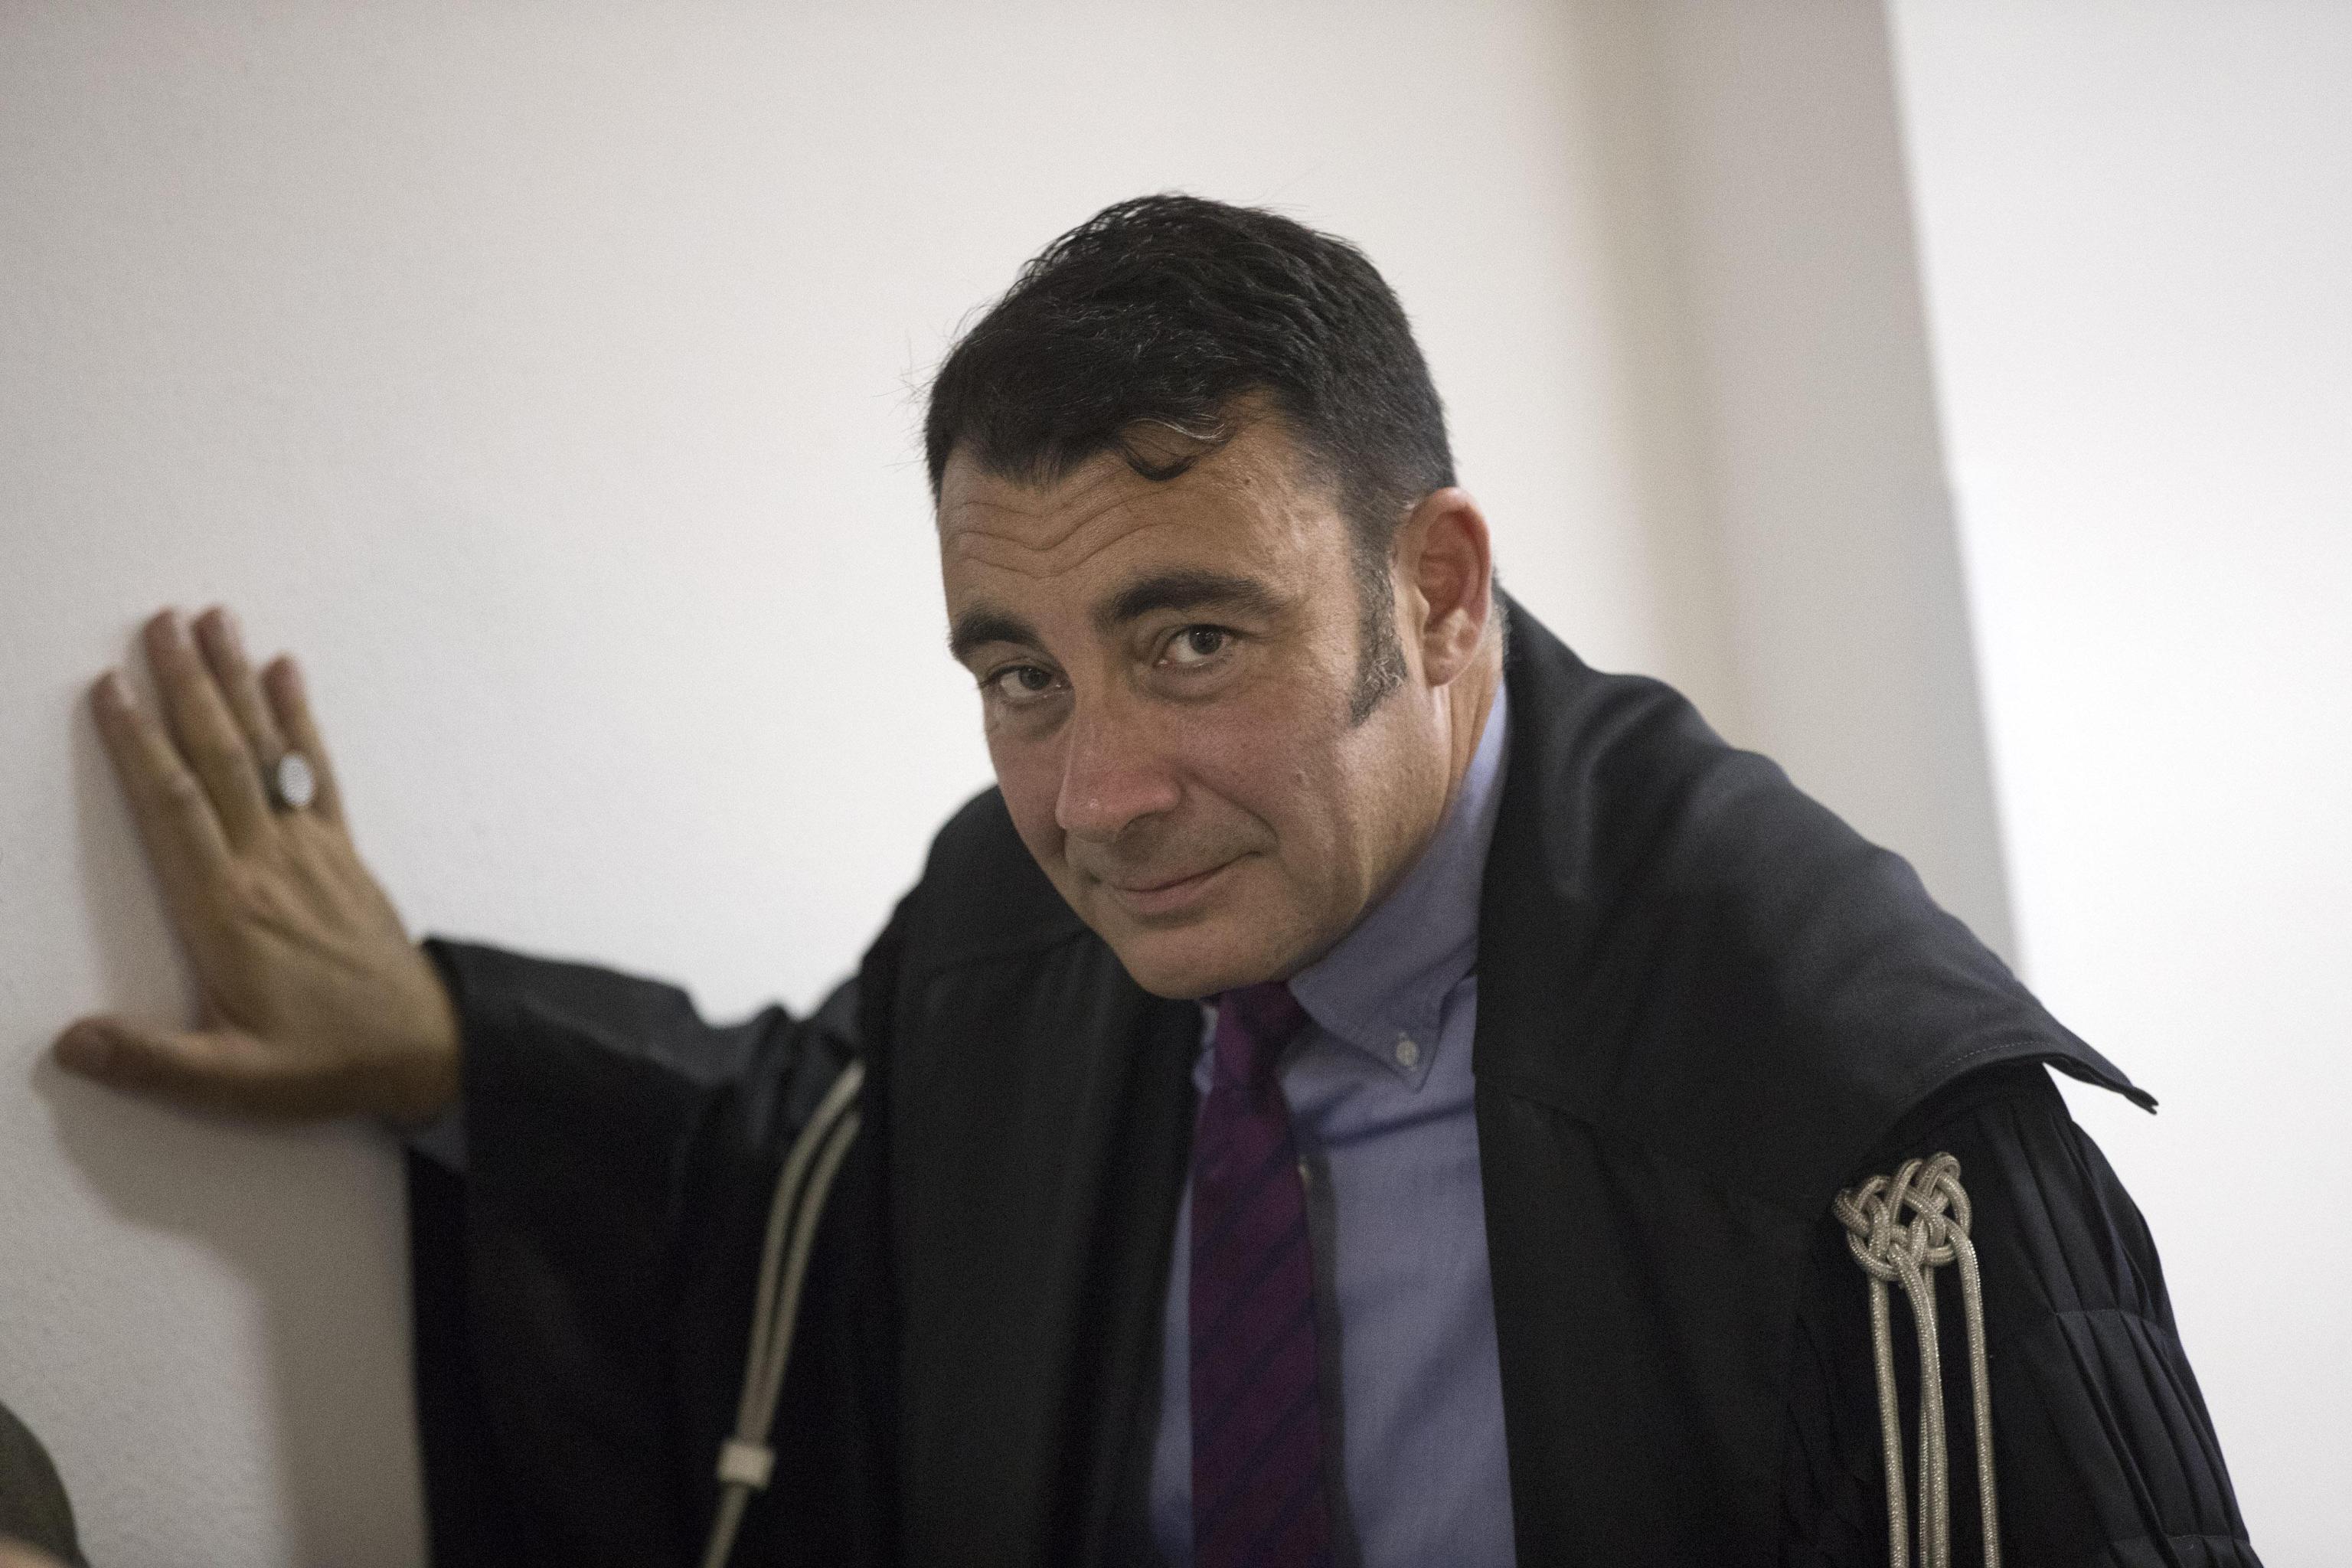 ANM, Albamonte chiede investimenti e risorse per la Giustizia